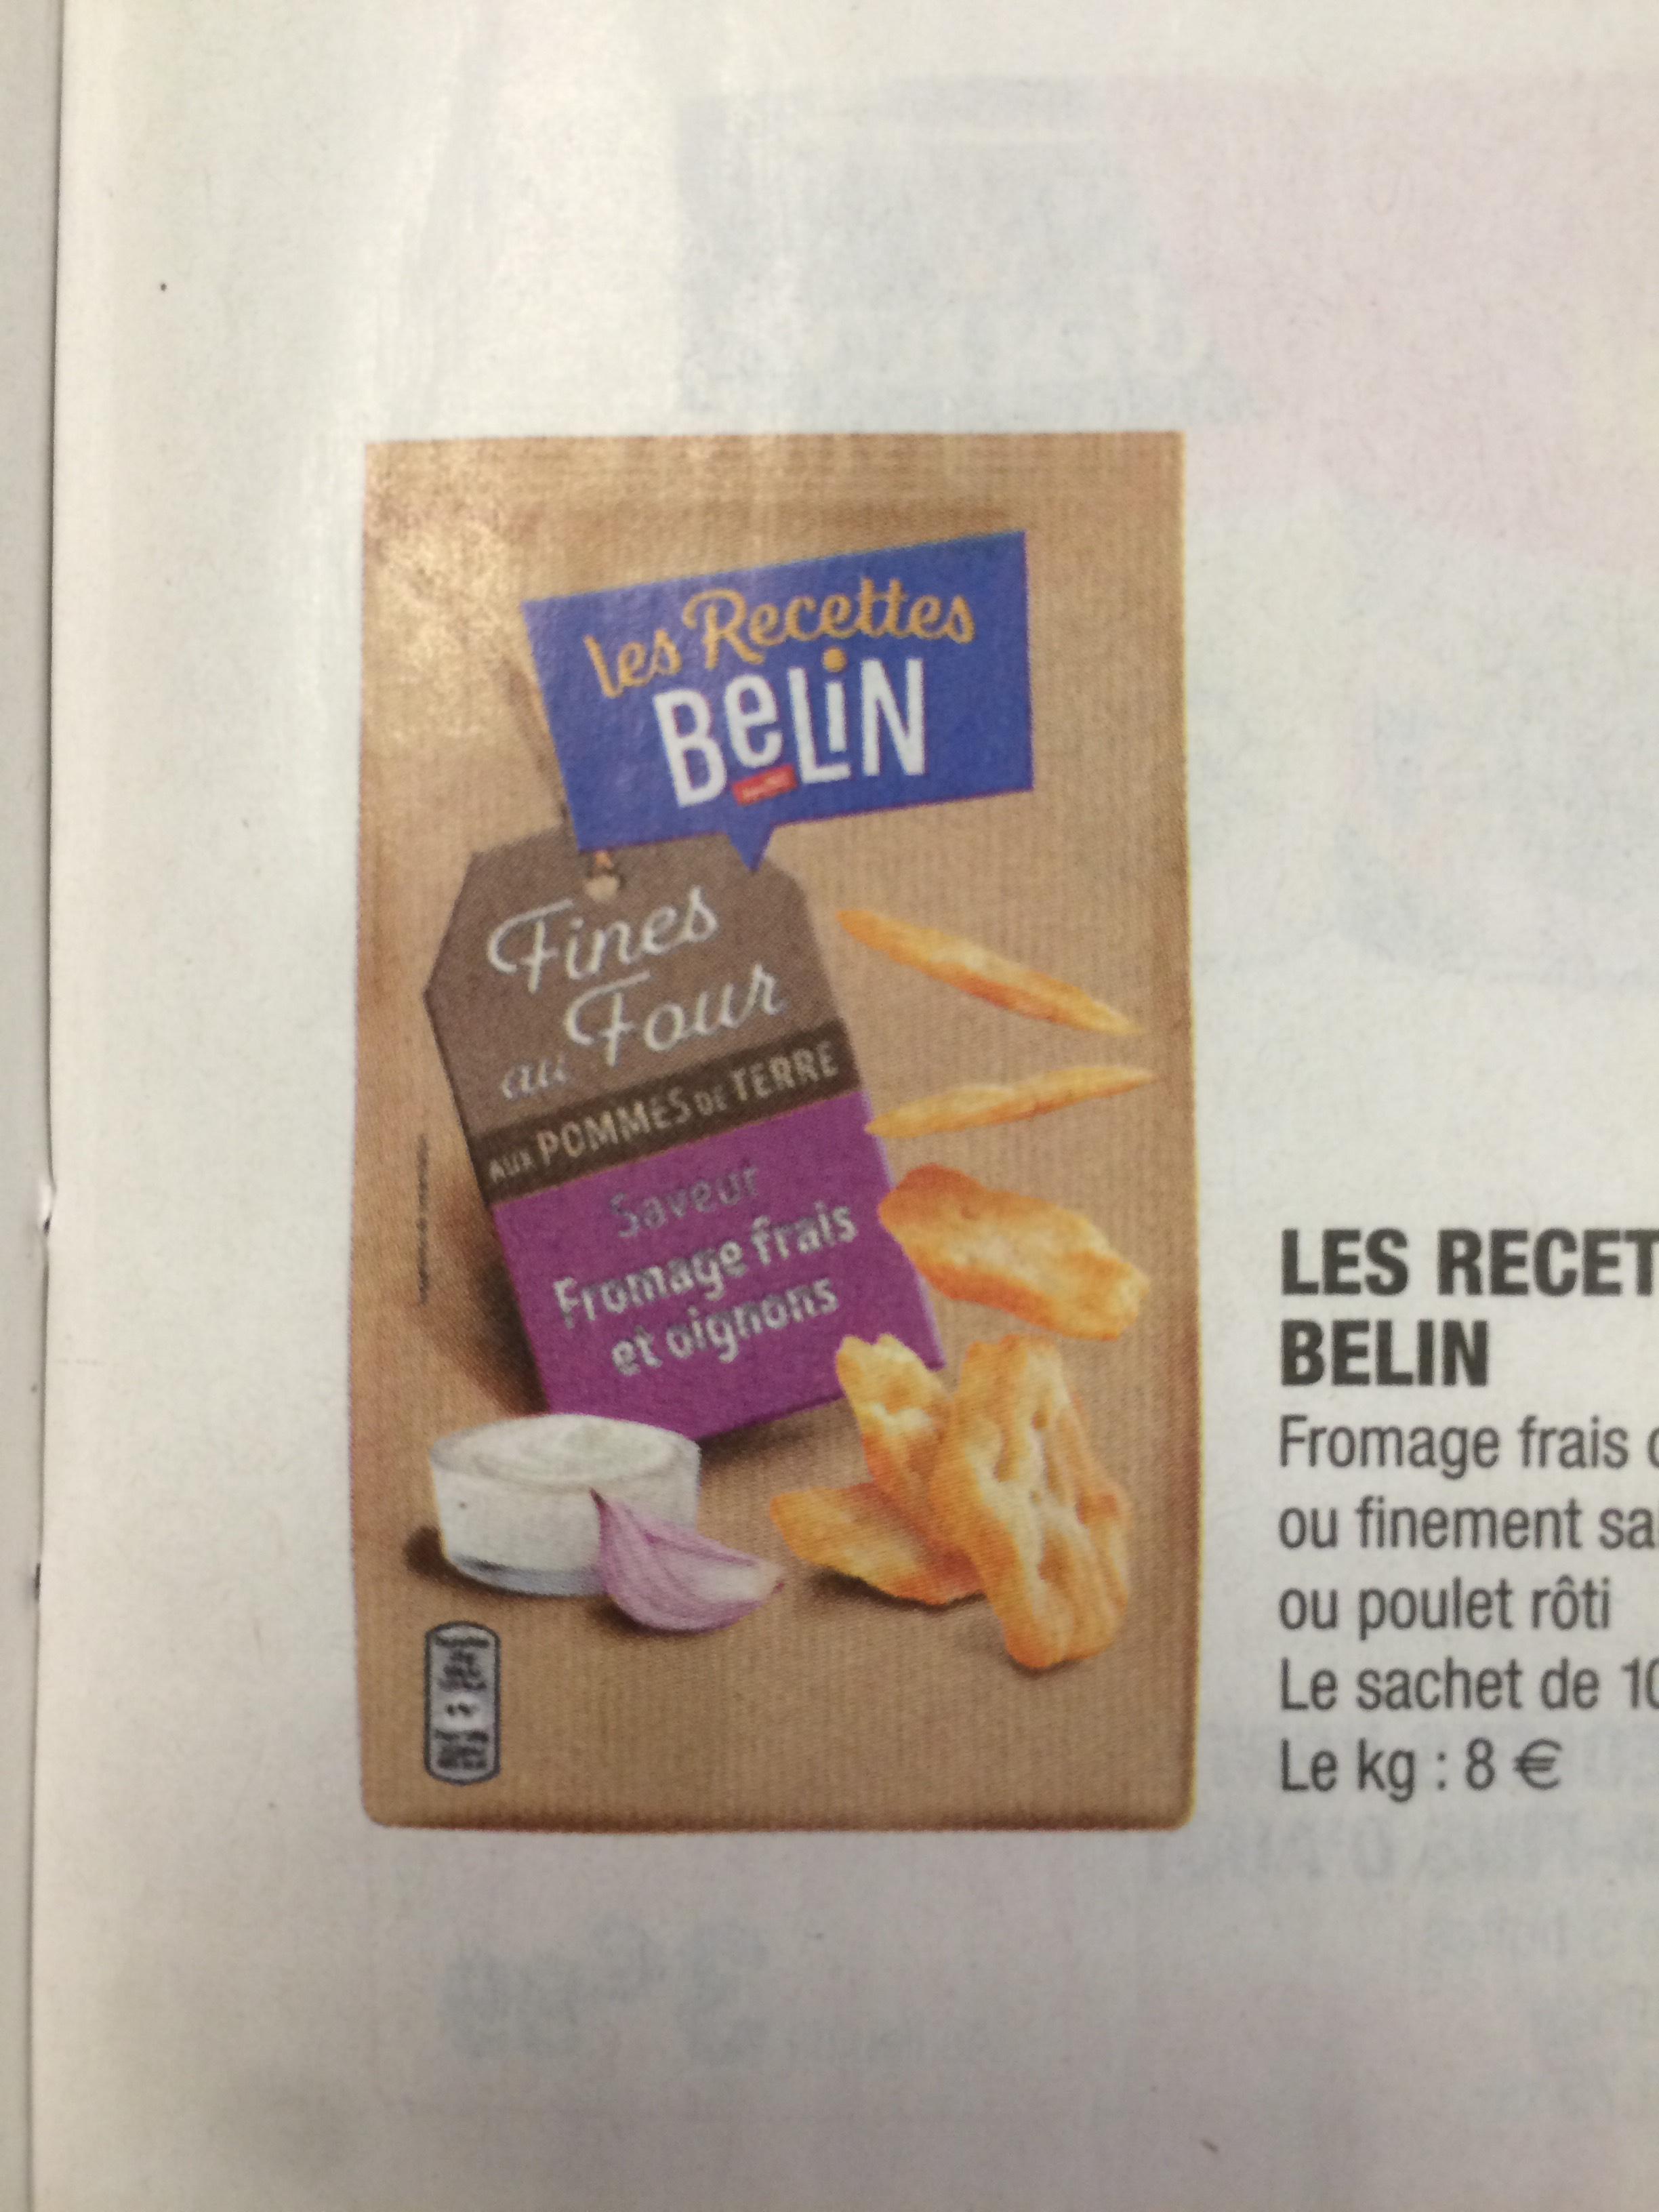 Les recettes Belin (Via BDR + ODR)